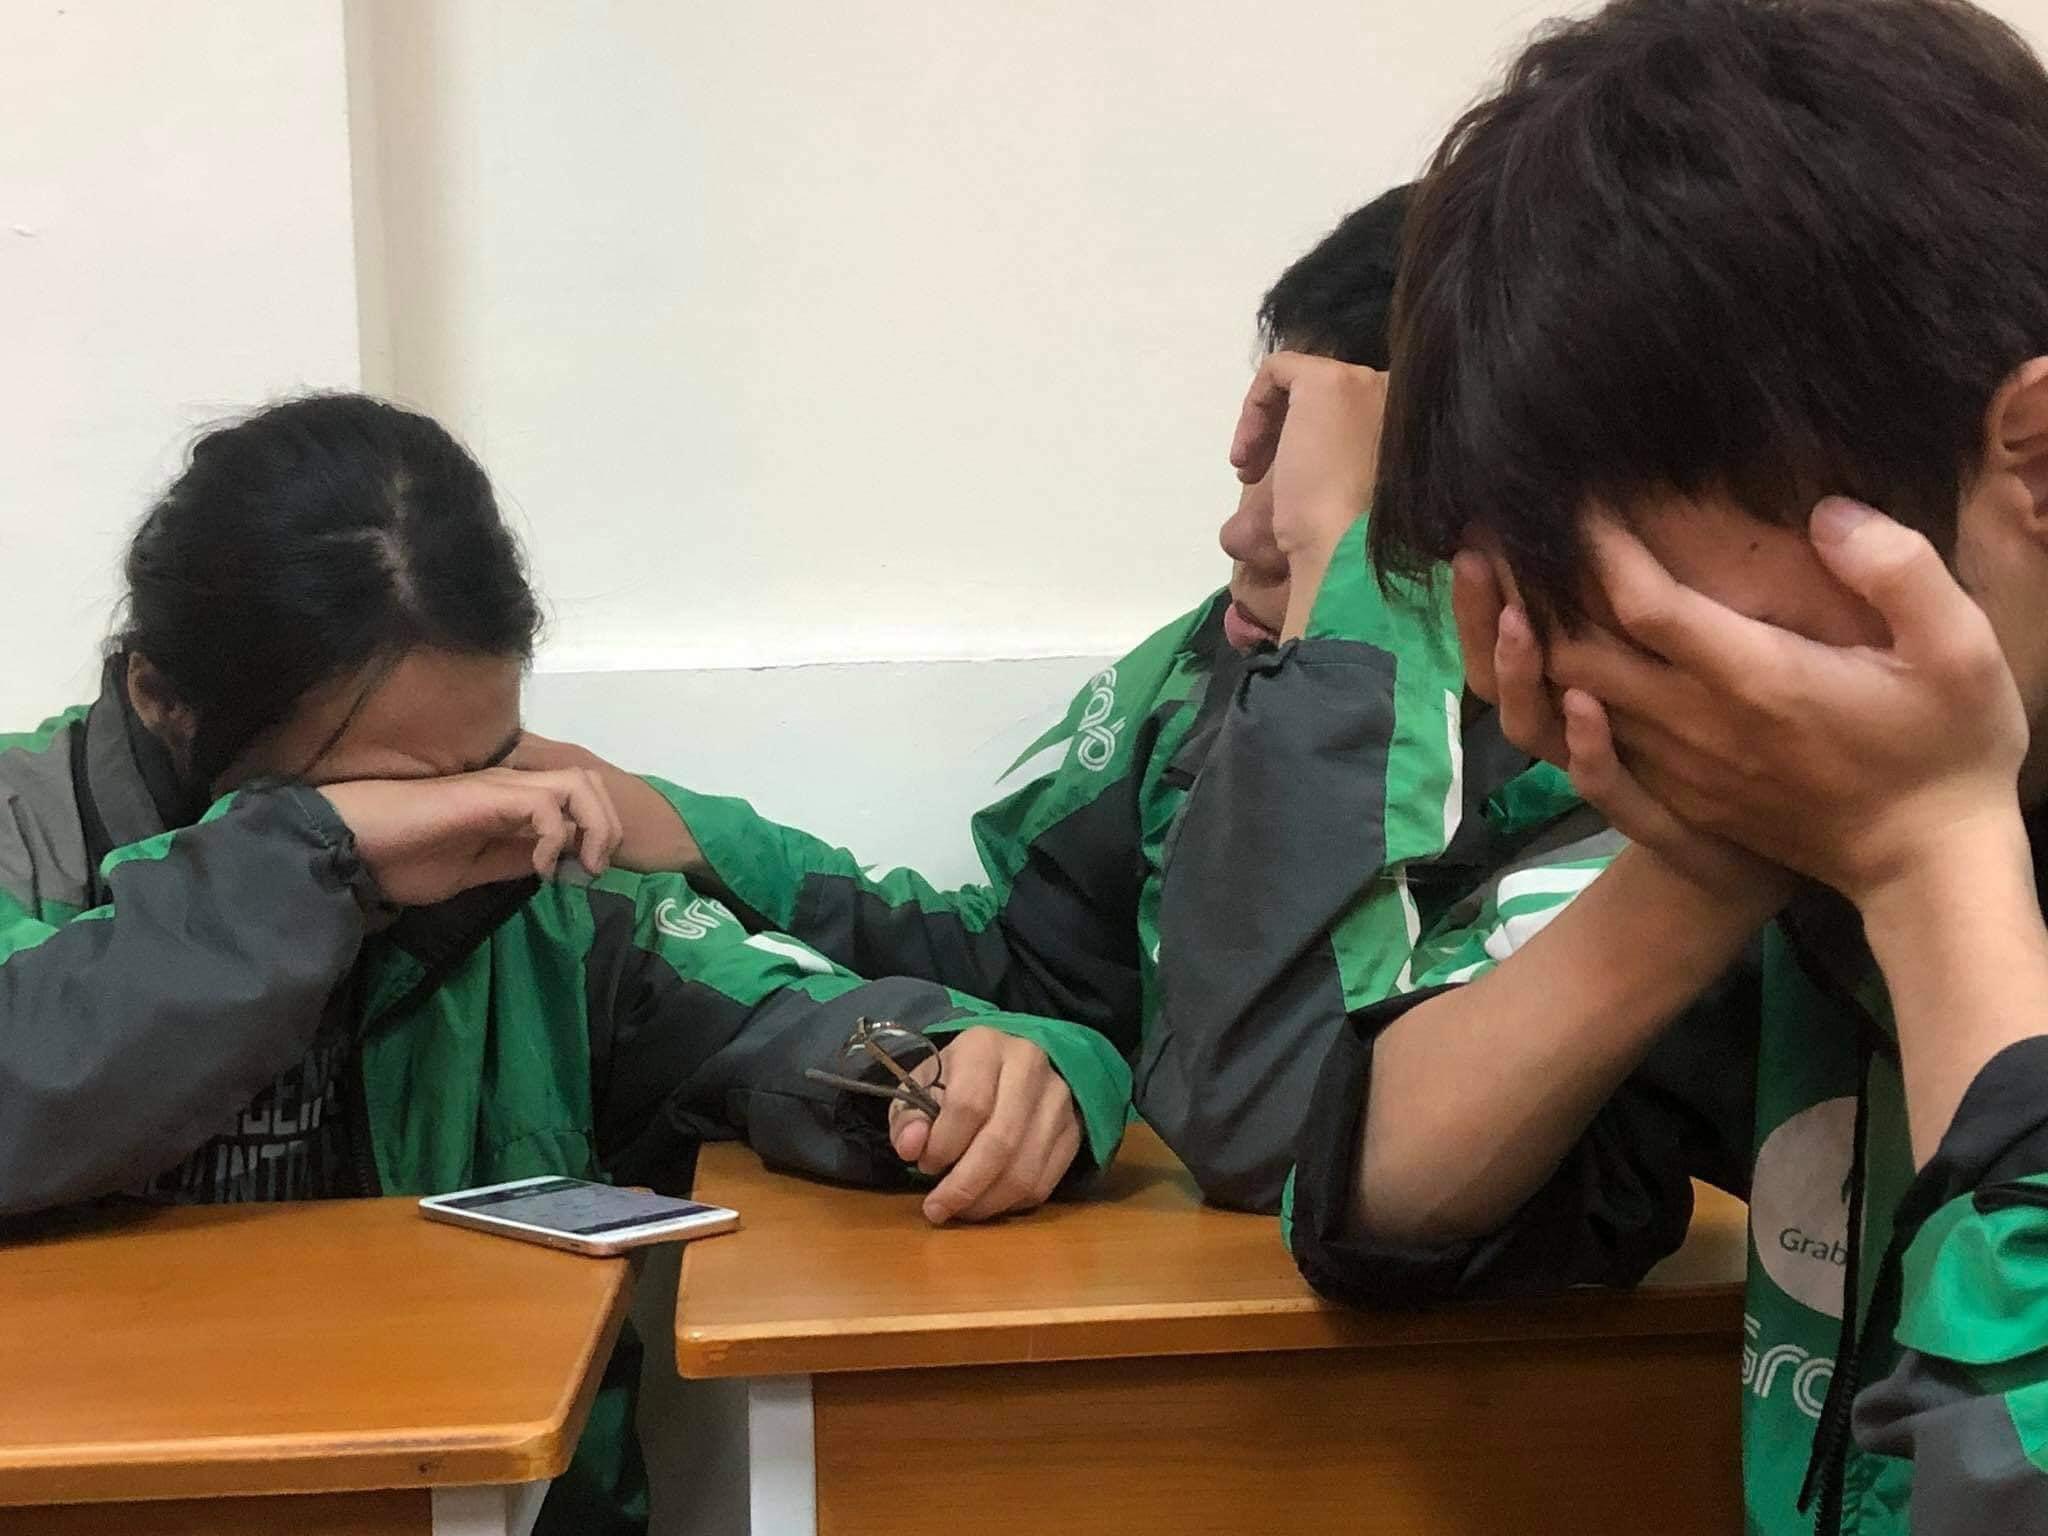 Hình ảnhnhững cô cậu sinh viên khóc nghẹn sau khi nghe điện thoại từ gia đình khiến nhiều người xót xa